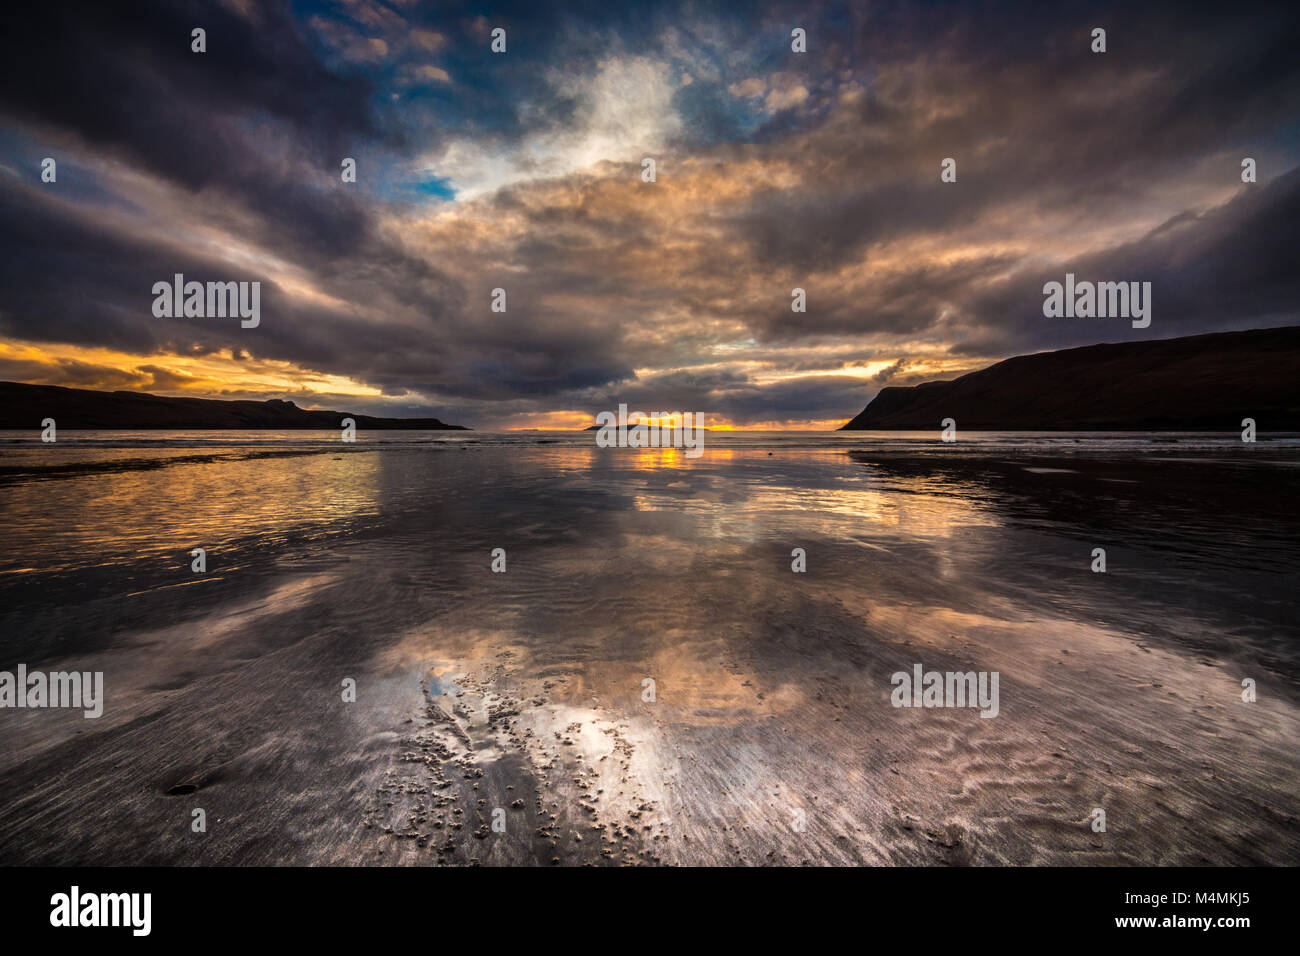 Tramonto sulla canna da Glen spiaggia fragile Immagini Stock